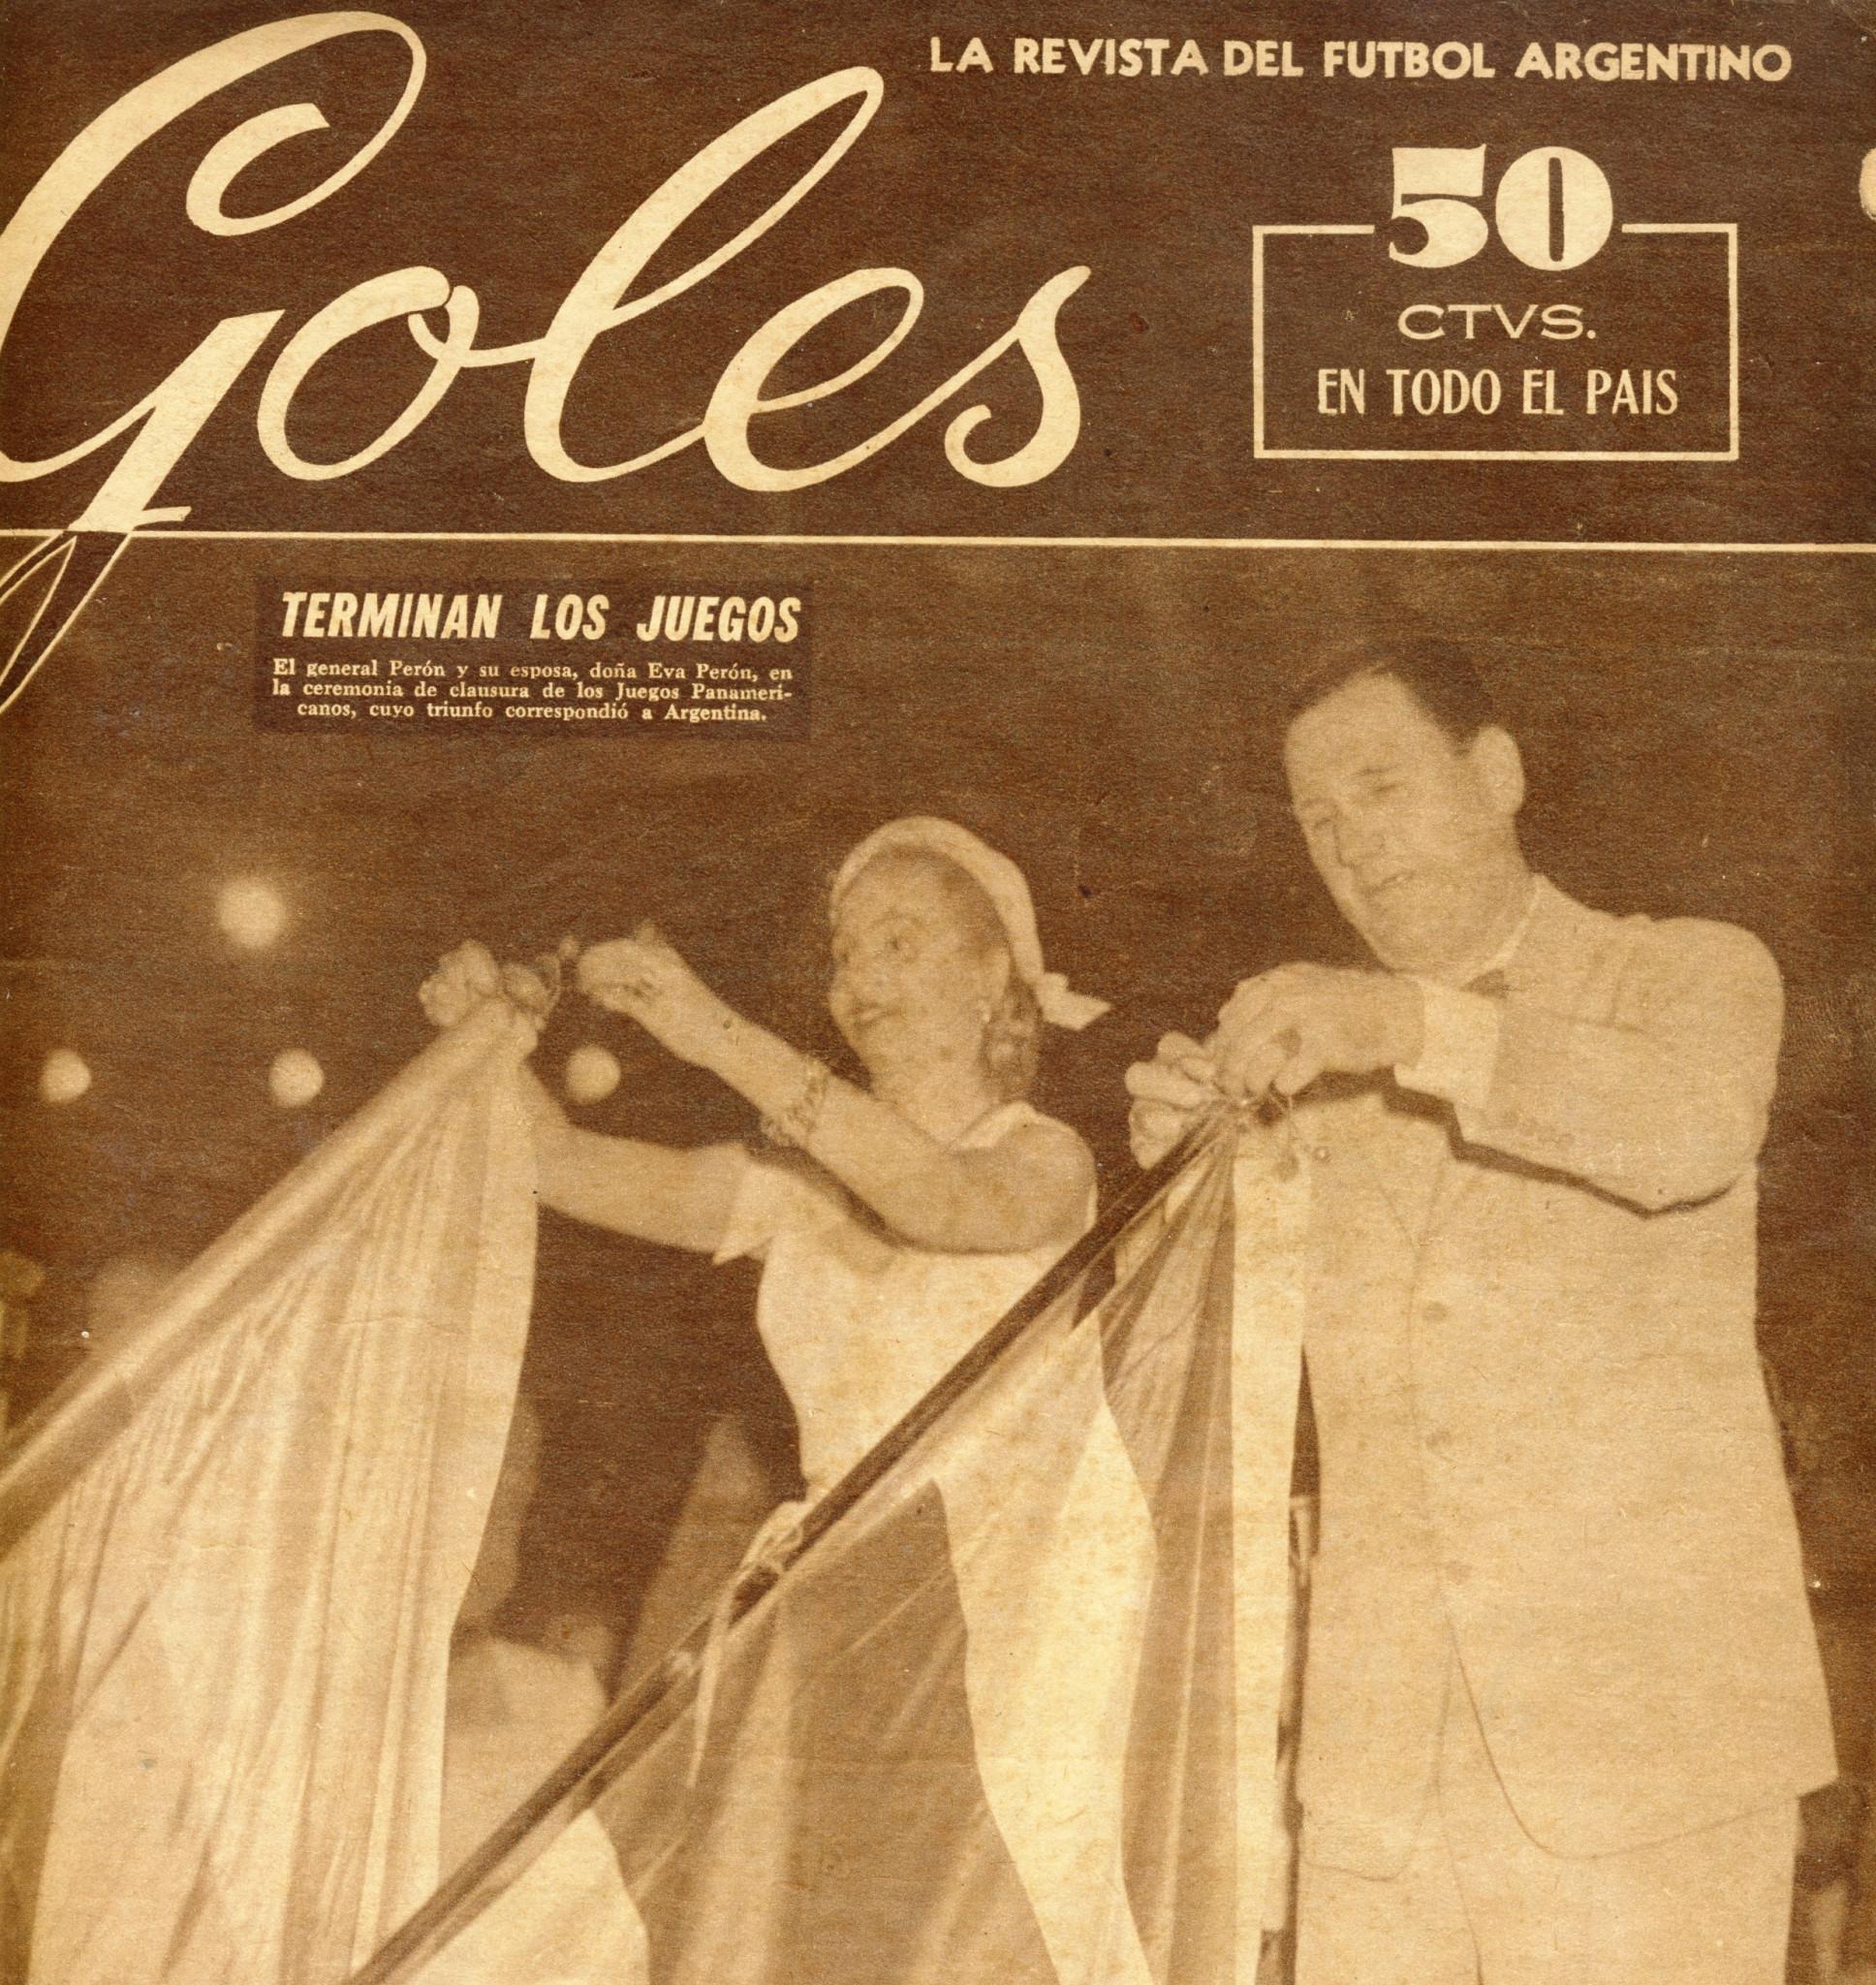 El coronel Juan Domingo Perón, a la derecha, fue presidente de Argentina durante los Juegos © Mundo Deportivo